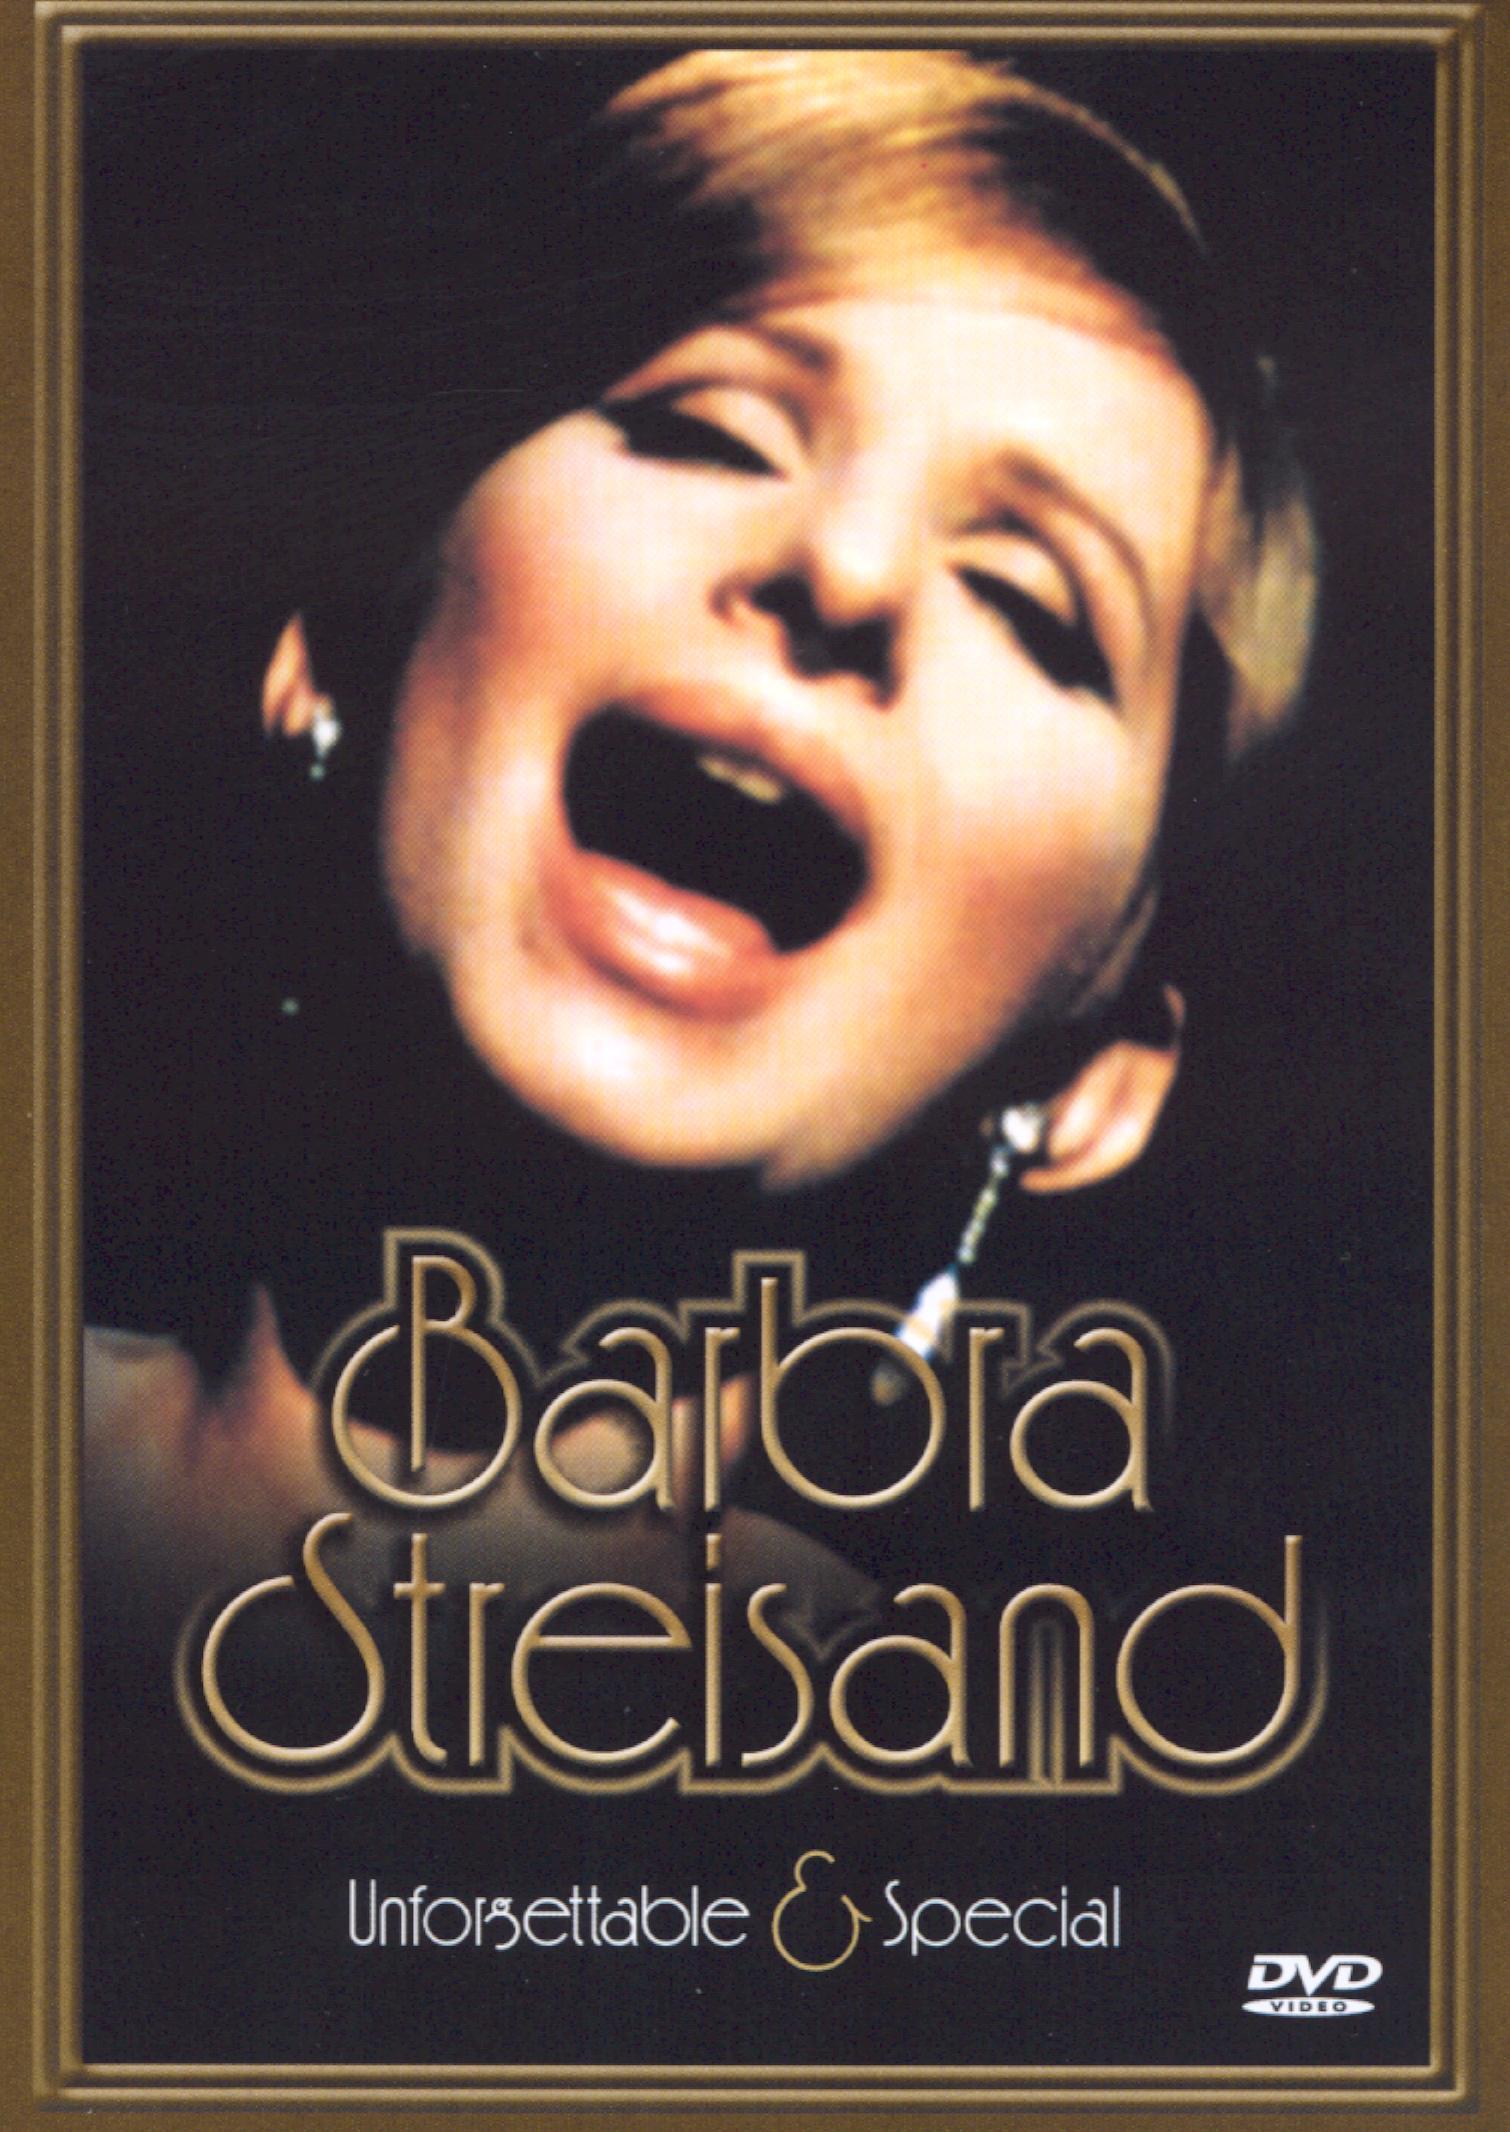 Barbra Streisand: Unforgettable & Special